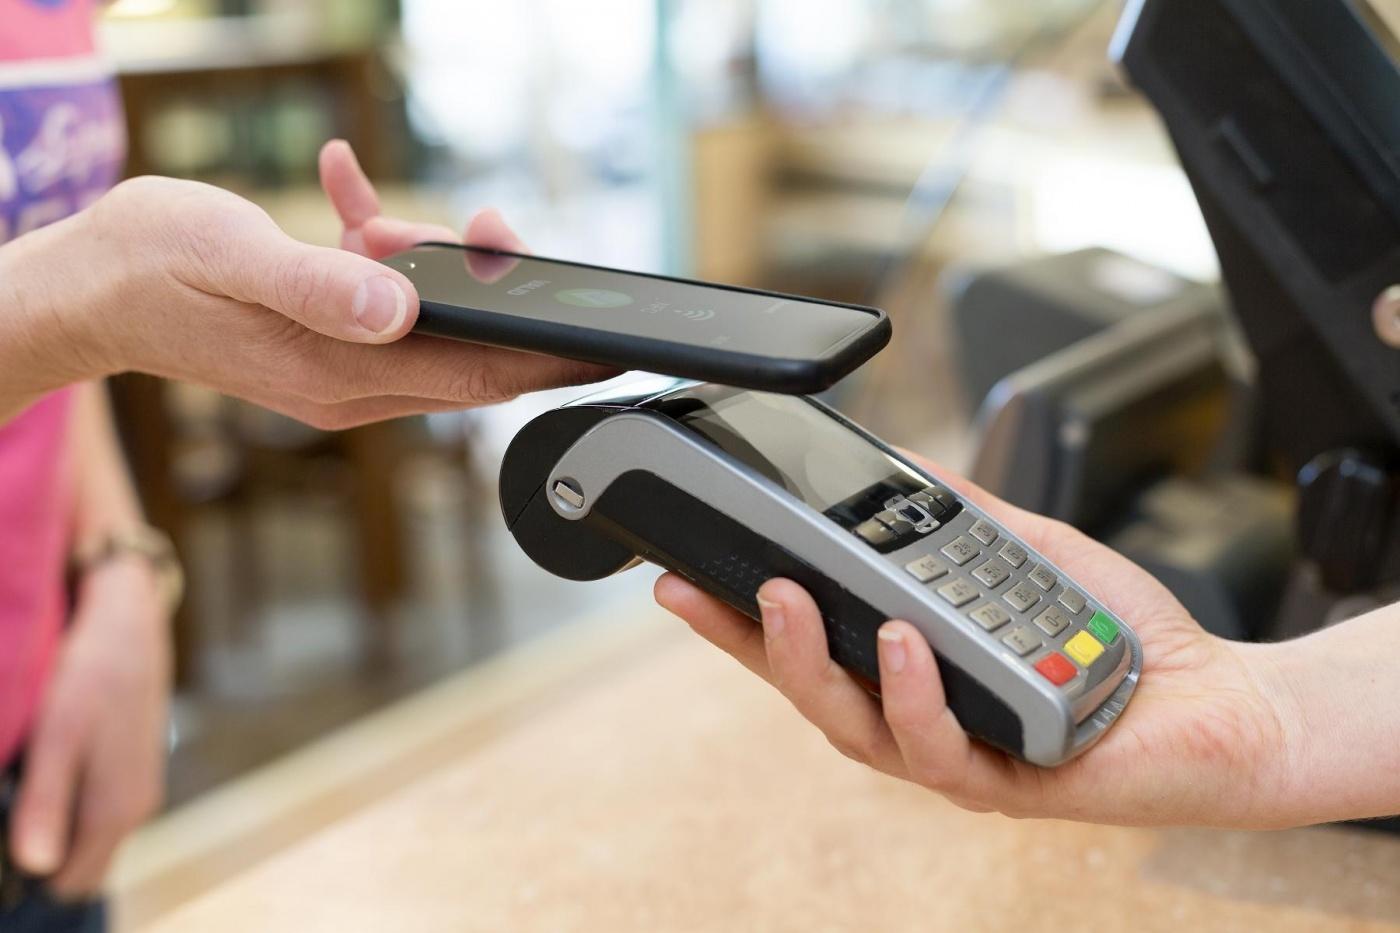 日本消费税调涨效应,纸币失宠、手机支付比率激增60%